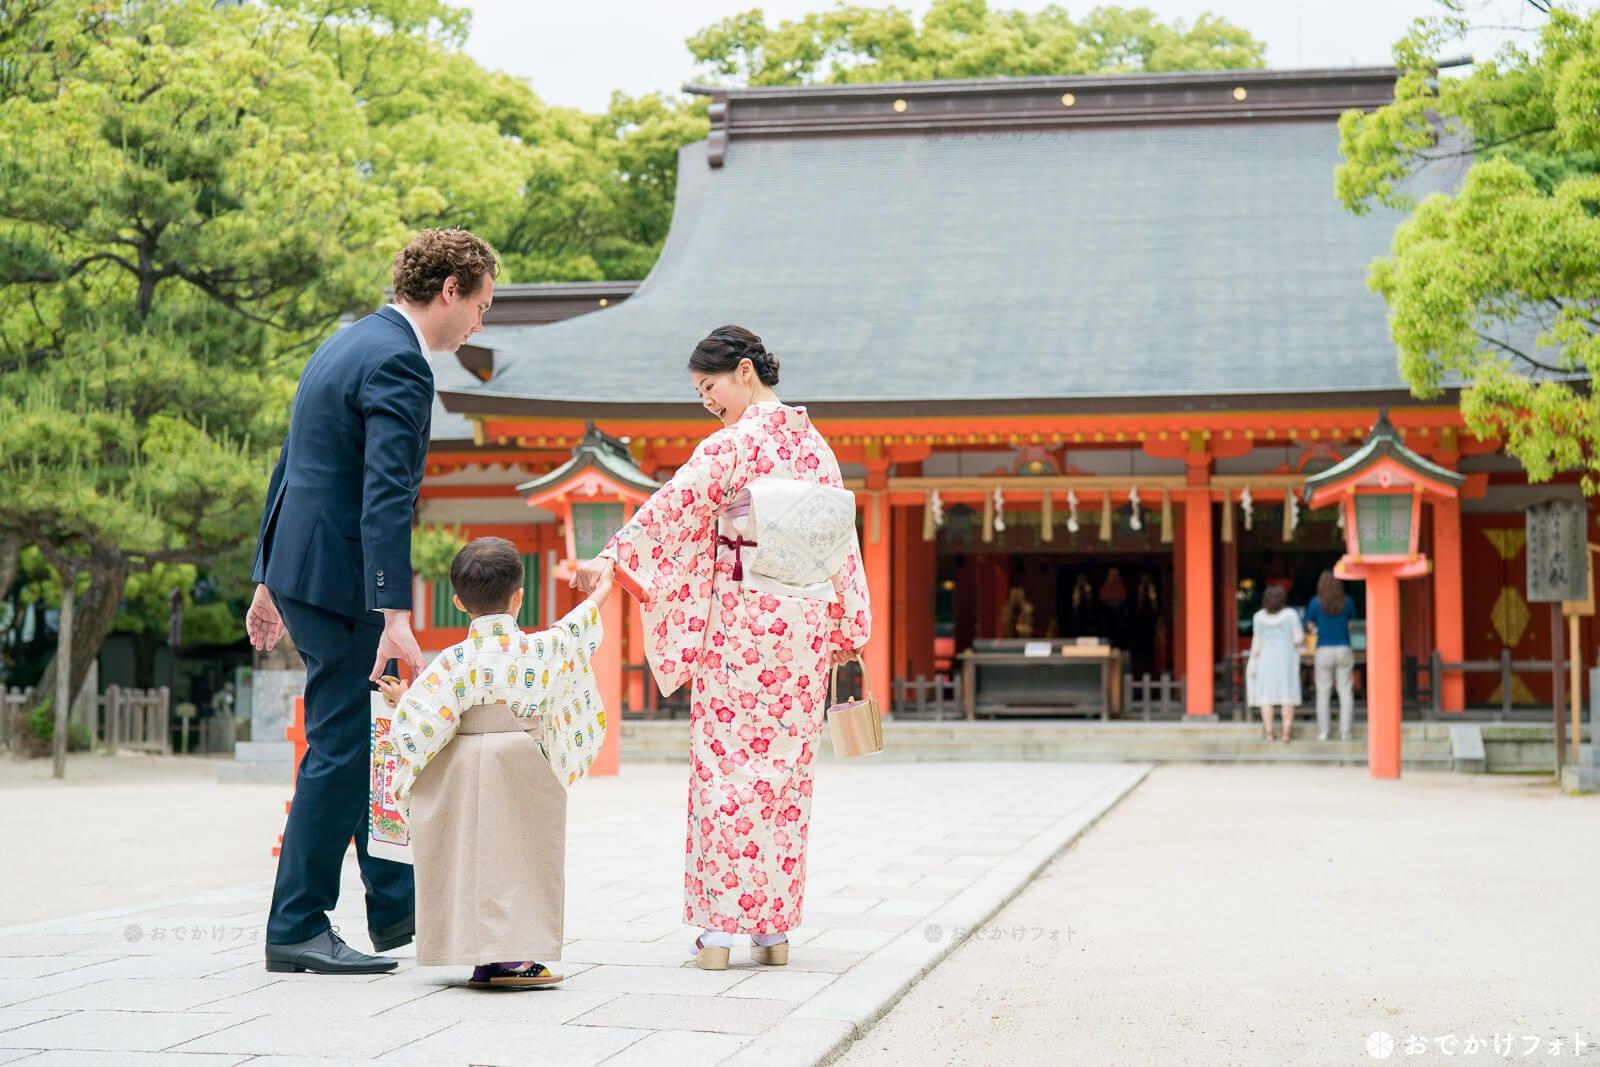 七五三やお宮参り、結婚式で人気の住吉神社 福岡